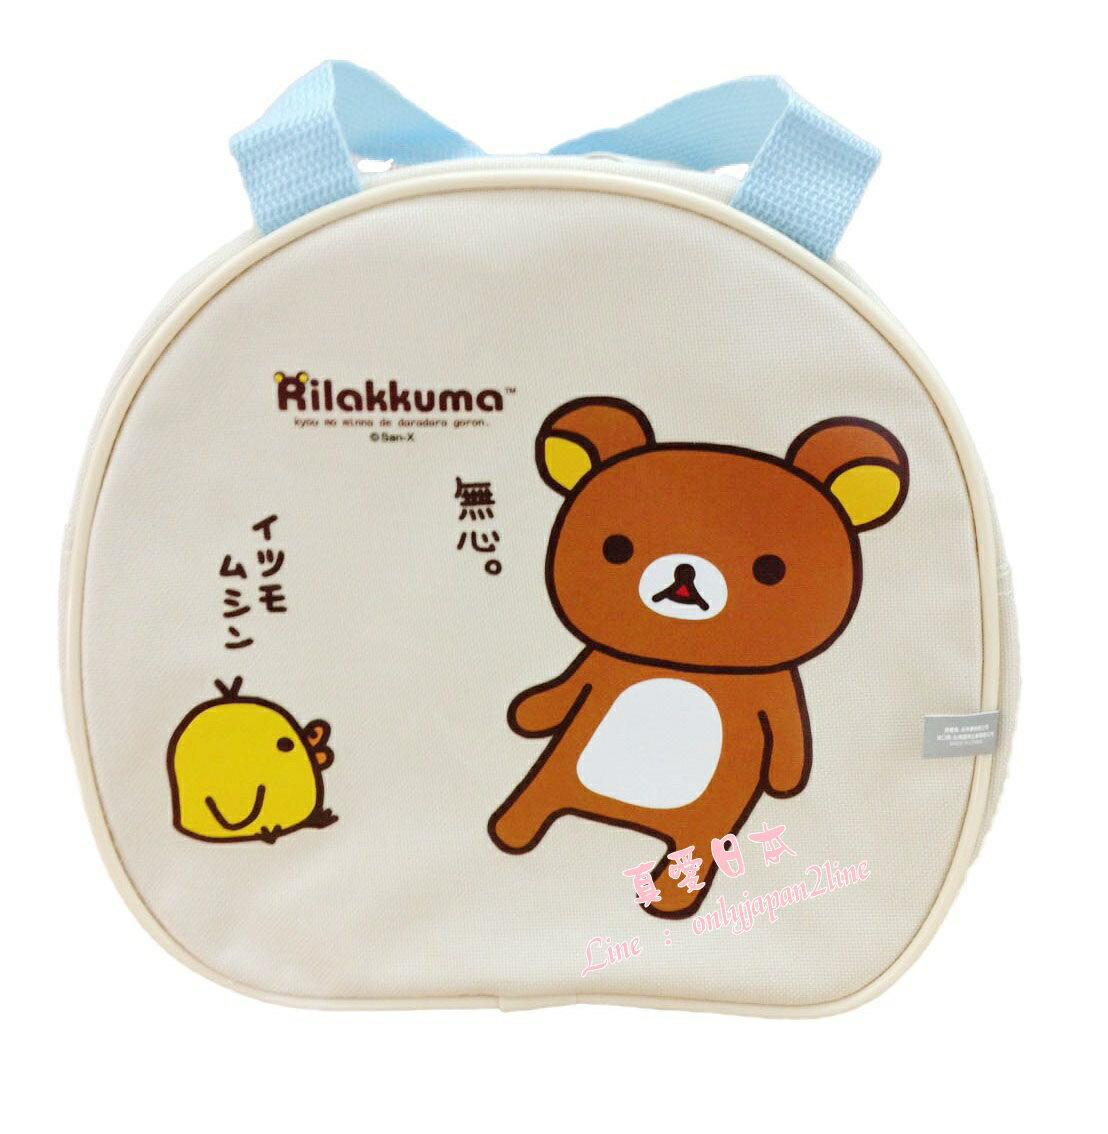 【真愛日本】16081600005手提便當袋-懶熊無心  SAN-X 懶熊 奶妹 奶熊 拉拉熊  手提袋  外出袋